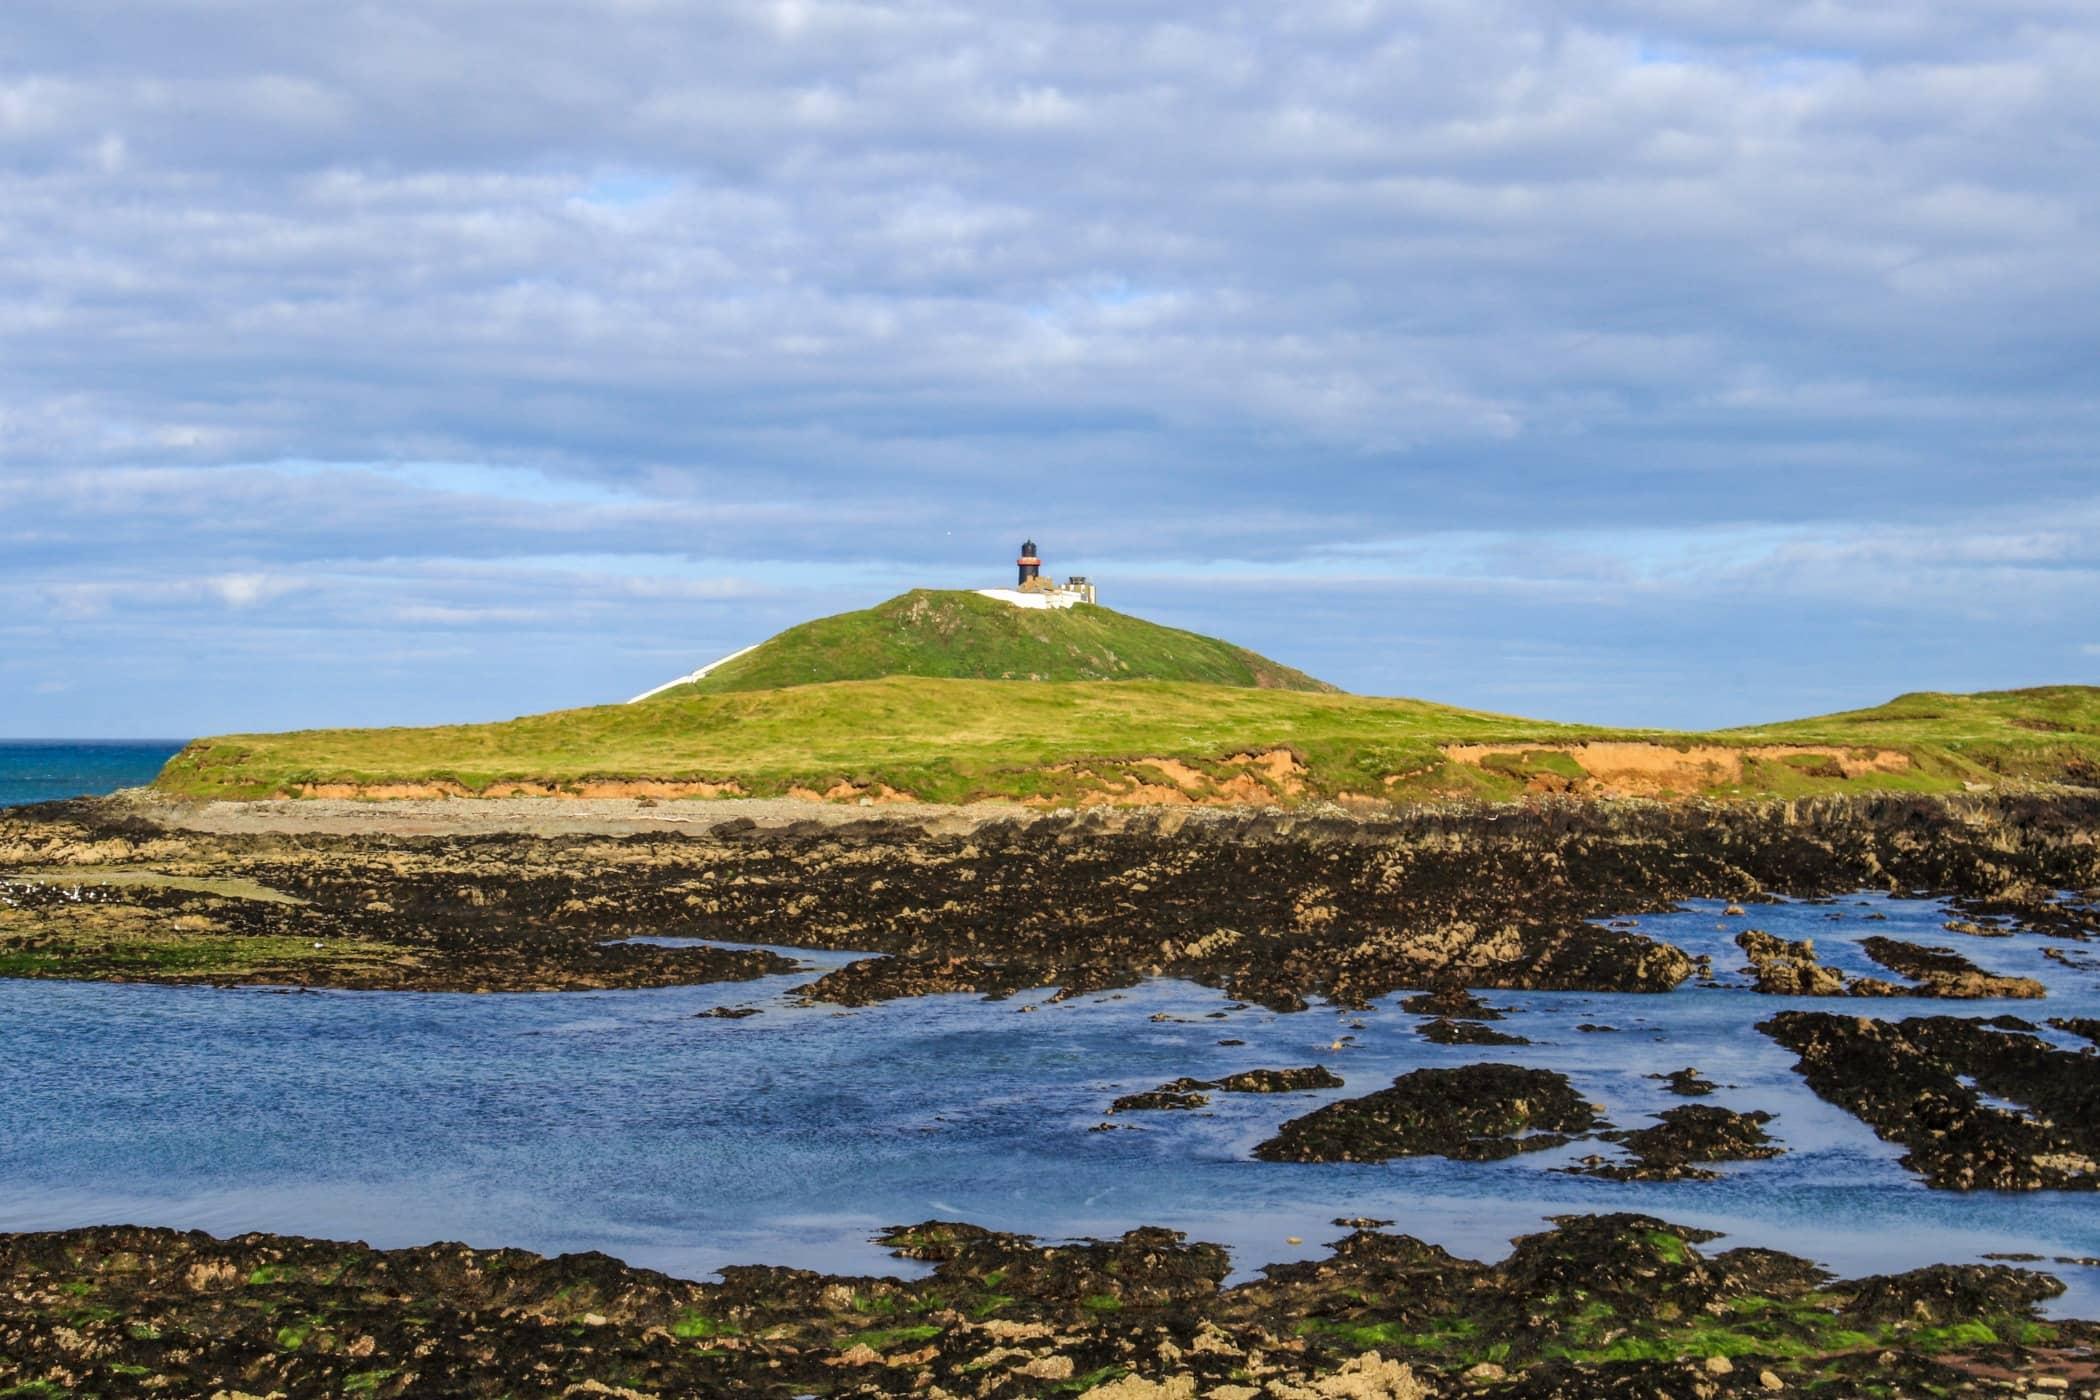 Raised beach, Ocean, Highland, Promontory, Hill, Coast, Headland, Sea, Sky